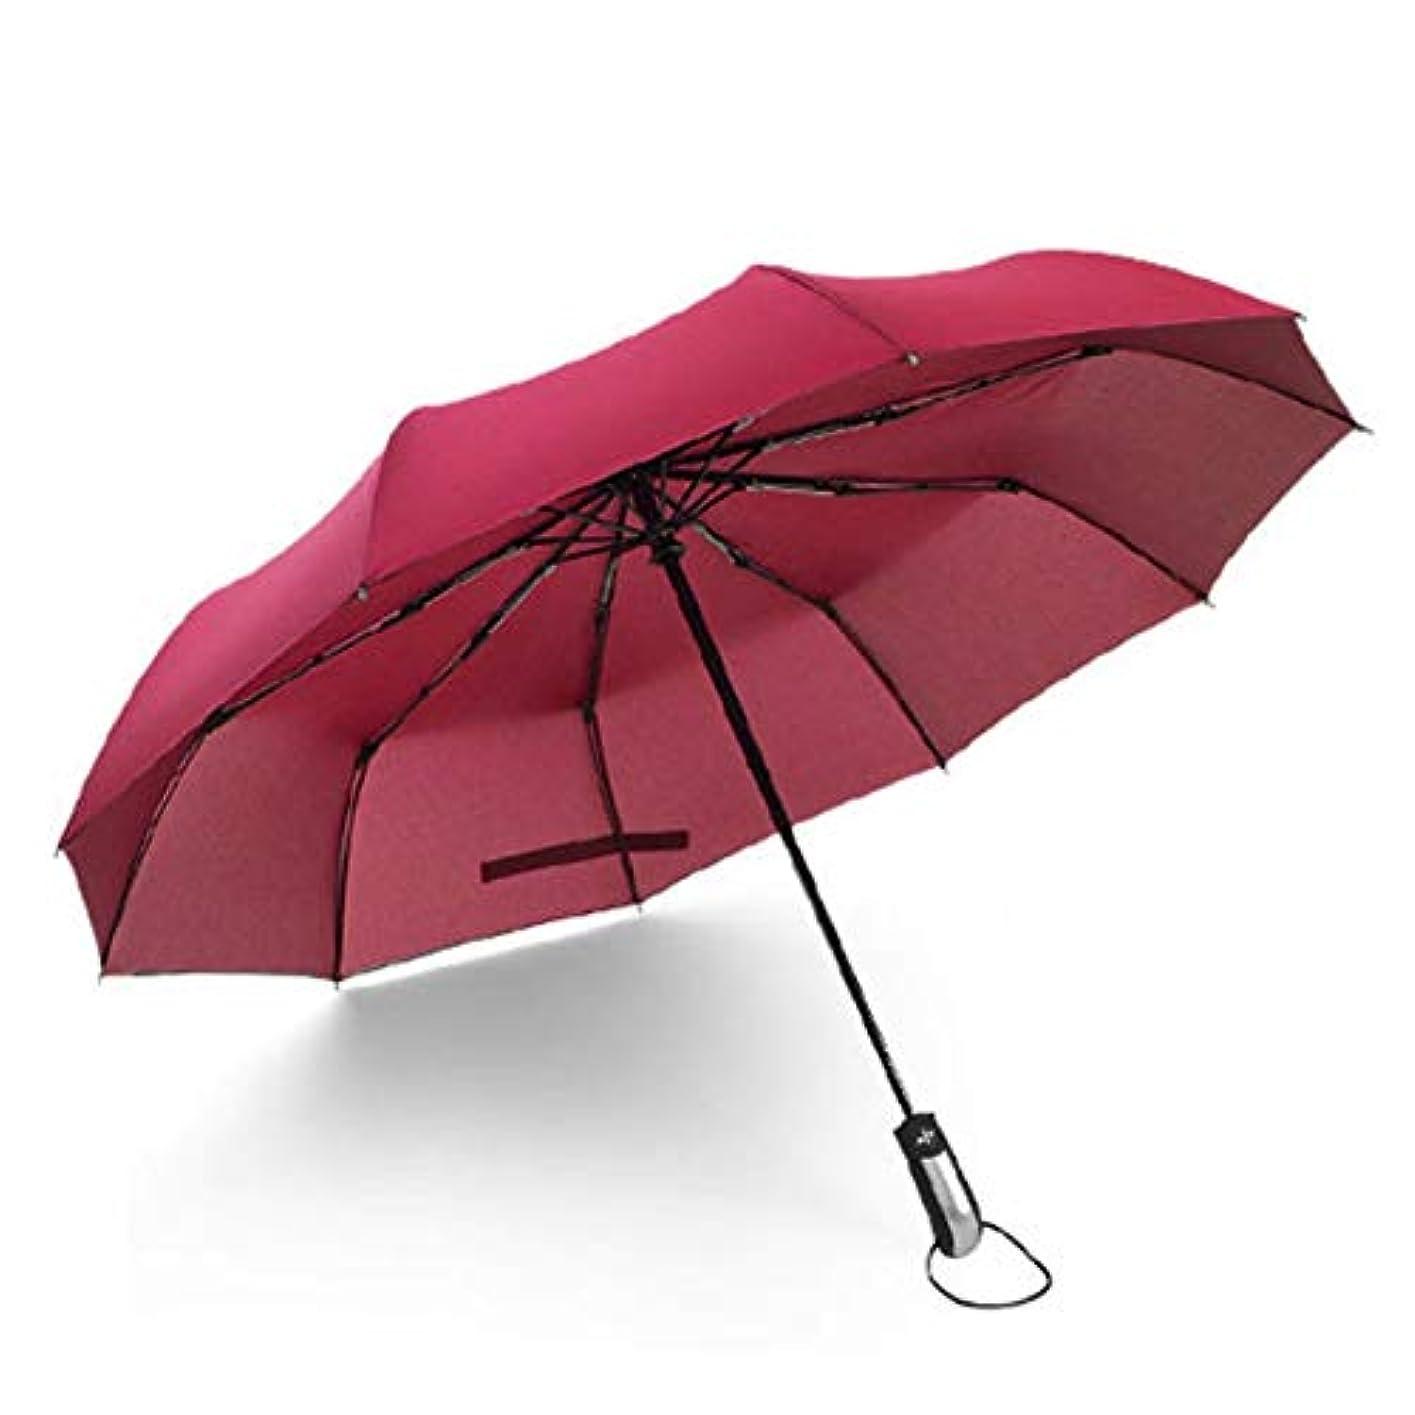 歌詞ゼロ反射Saikogoods 全自動日 - 雨の傘 トリプルフォールディング 男性女性 強化のために10-リブ ビジネス傘 ワインレッド